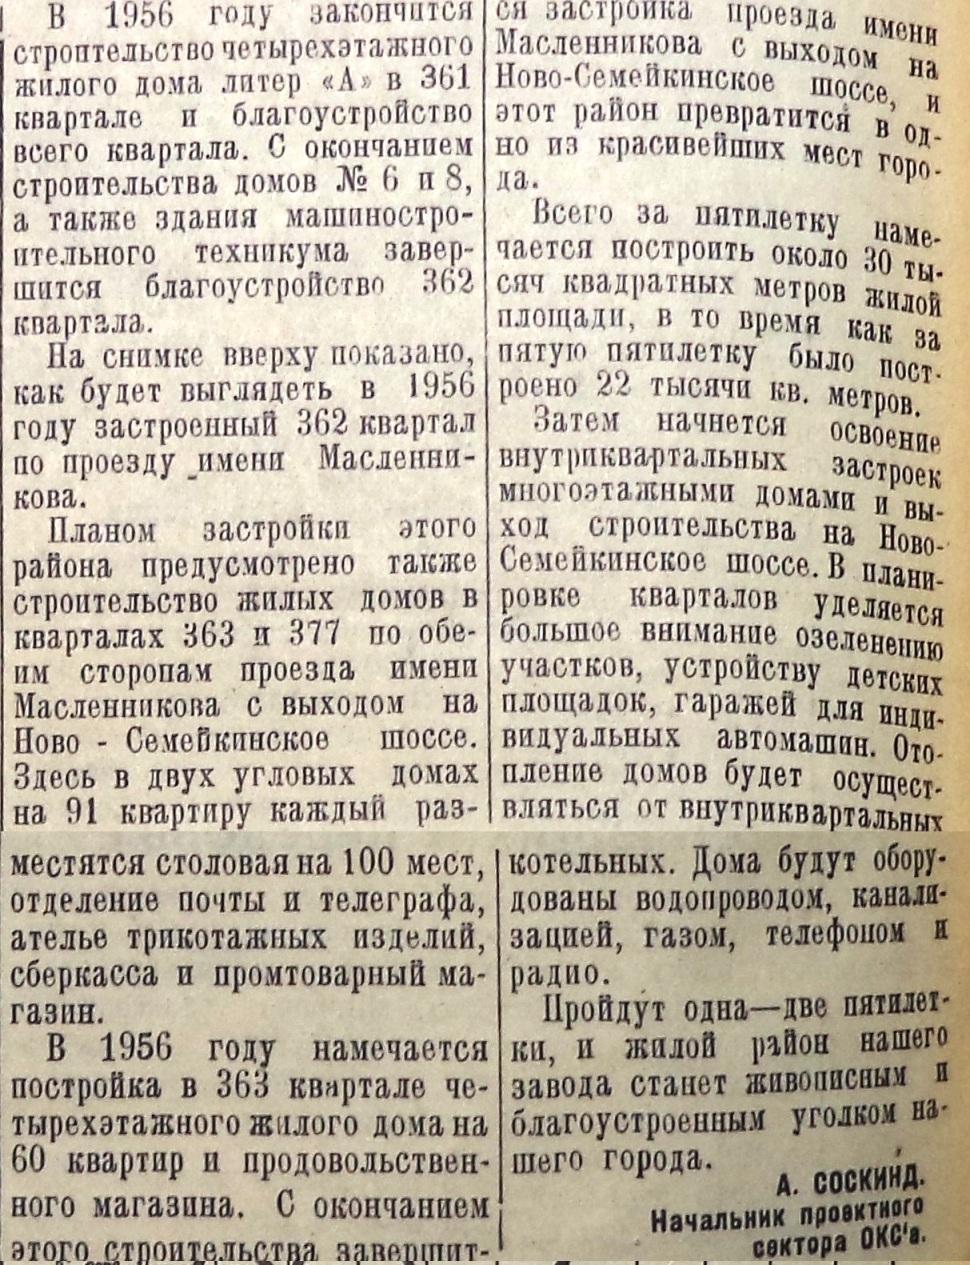 Подшипниковая-ФОТО-17-Сталинский Призыв-1955-3 декабря-3-Y